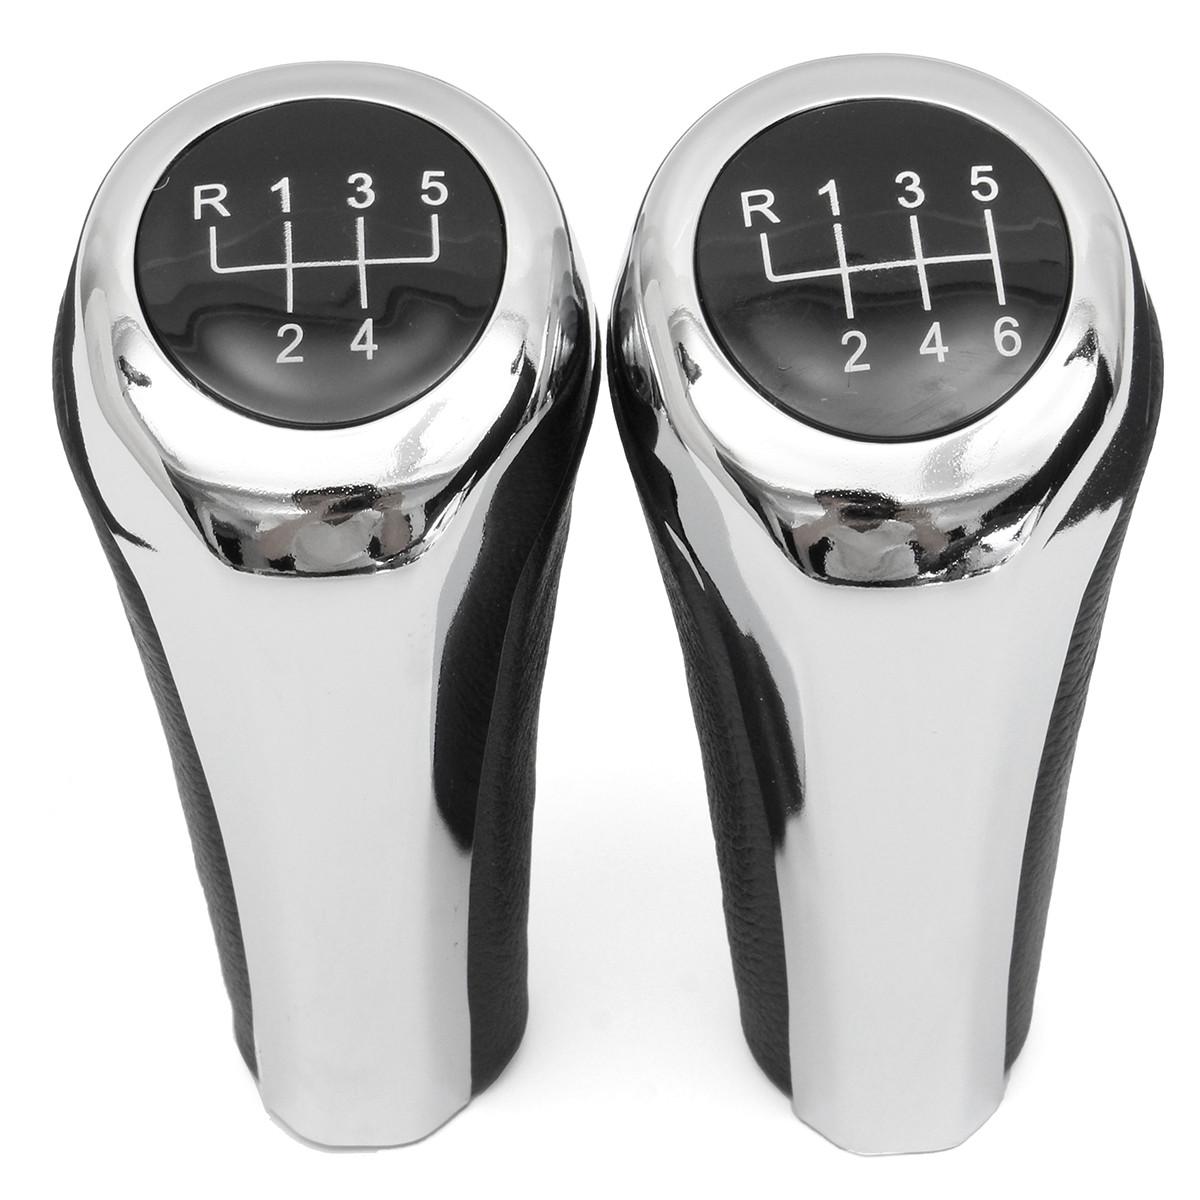 5 6 Ручка переключения скоростей ручной работы хромированного алюминия для BMW E82 E90 E91 E60 E63 E83 E84 E53 - 1TopShop